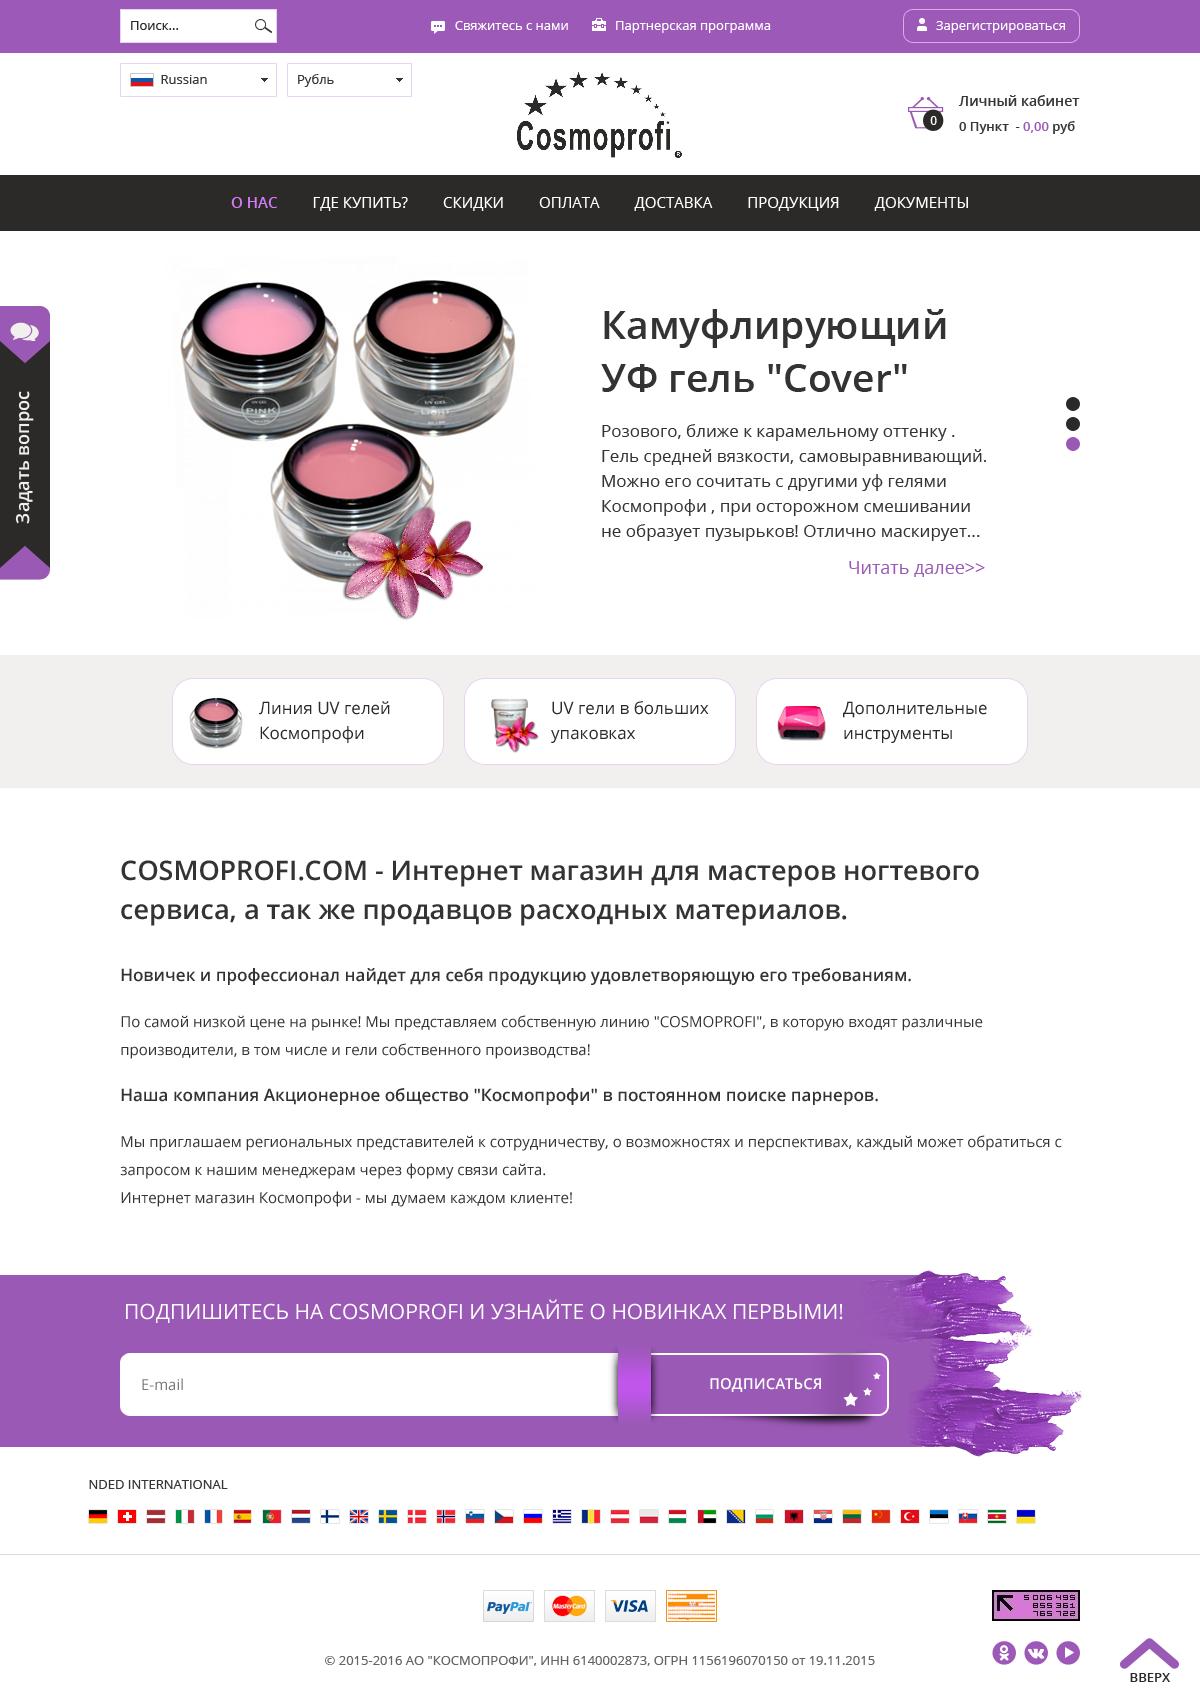 """Дизайн сайта """"Cosmoprofi"""", интернет-магазин для мастеров ногтевого сервиса"""